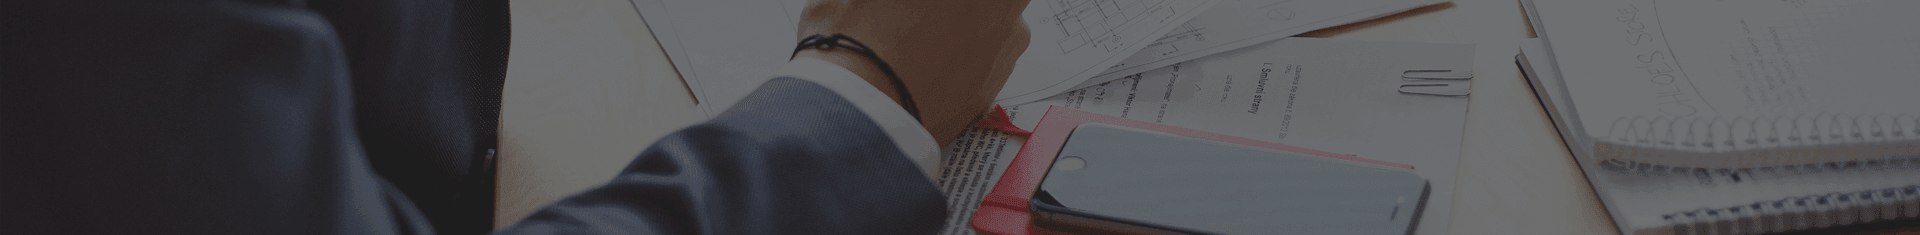 Предложения дизайнерских фирм